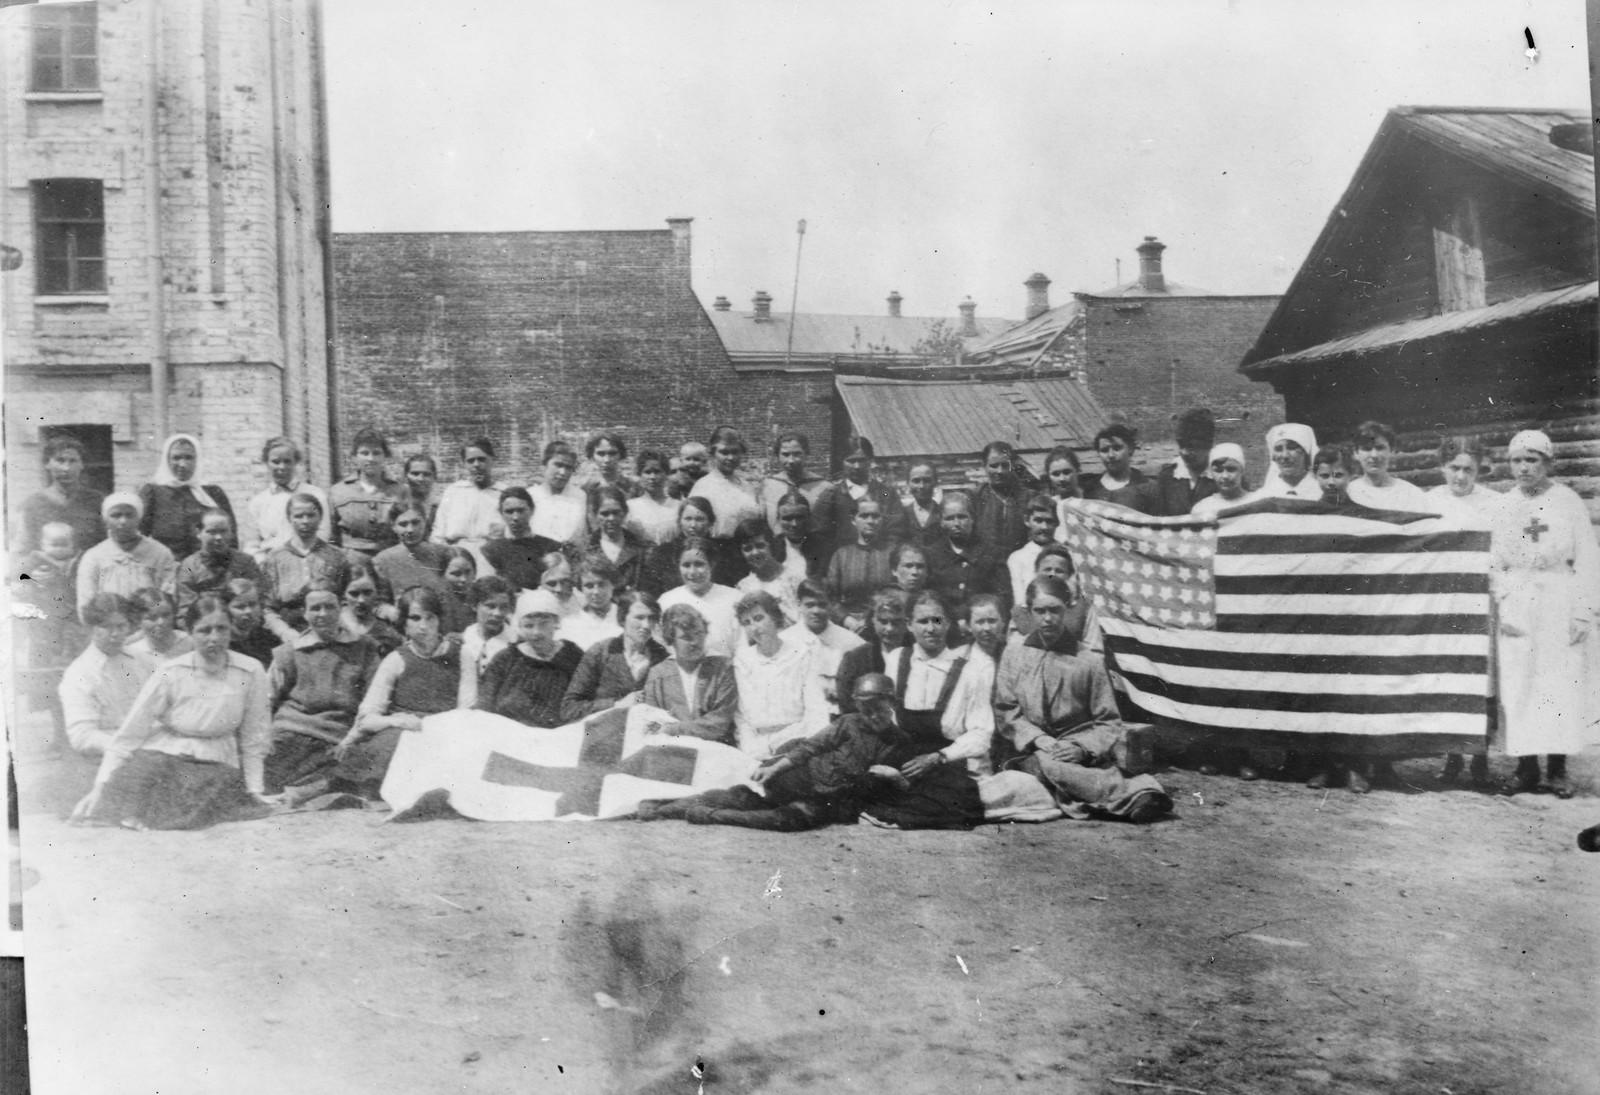 21. 1919. Тюмень. Работницы Швейной мастерской. Они проявили большой энтузиазм в изготовлении флагов США и Красного Креста